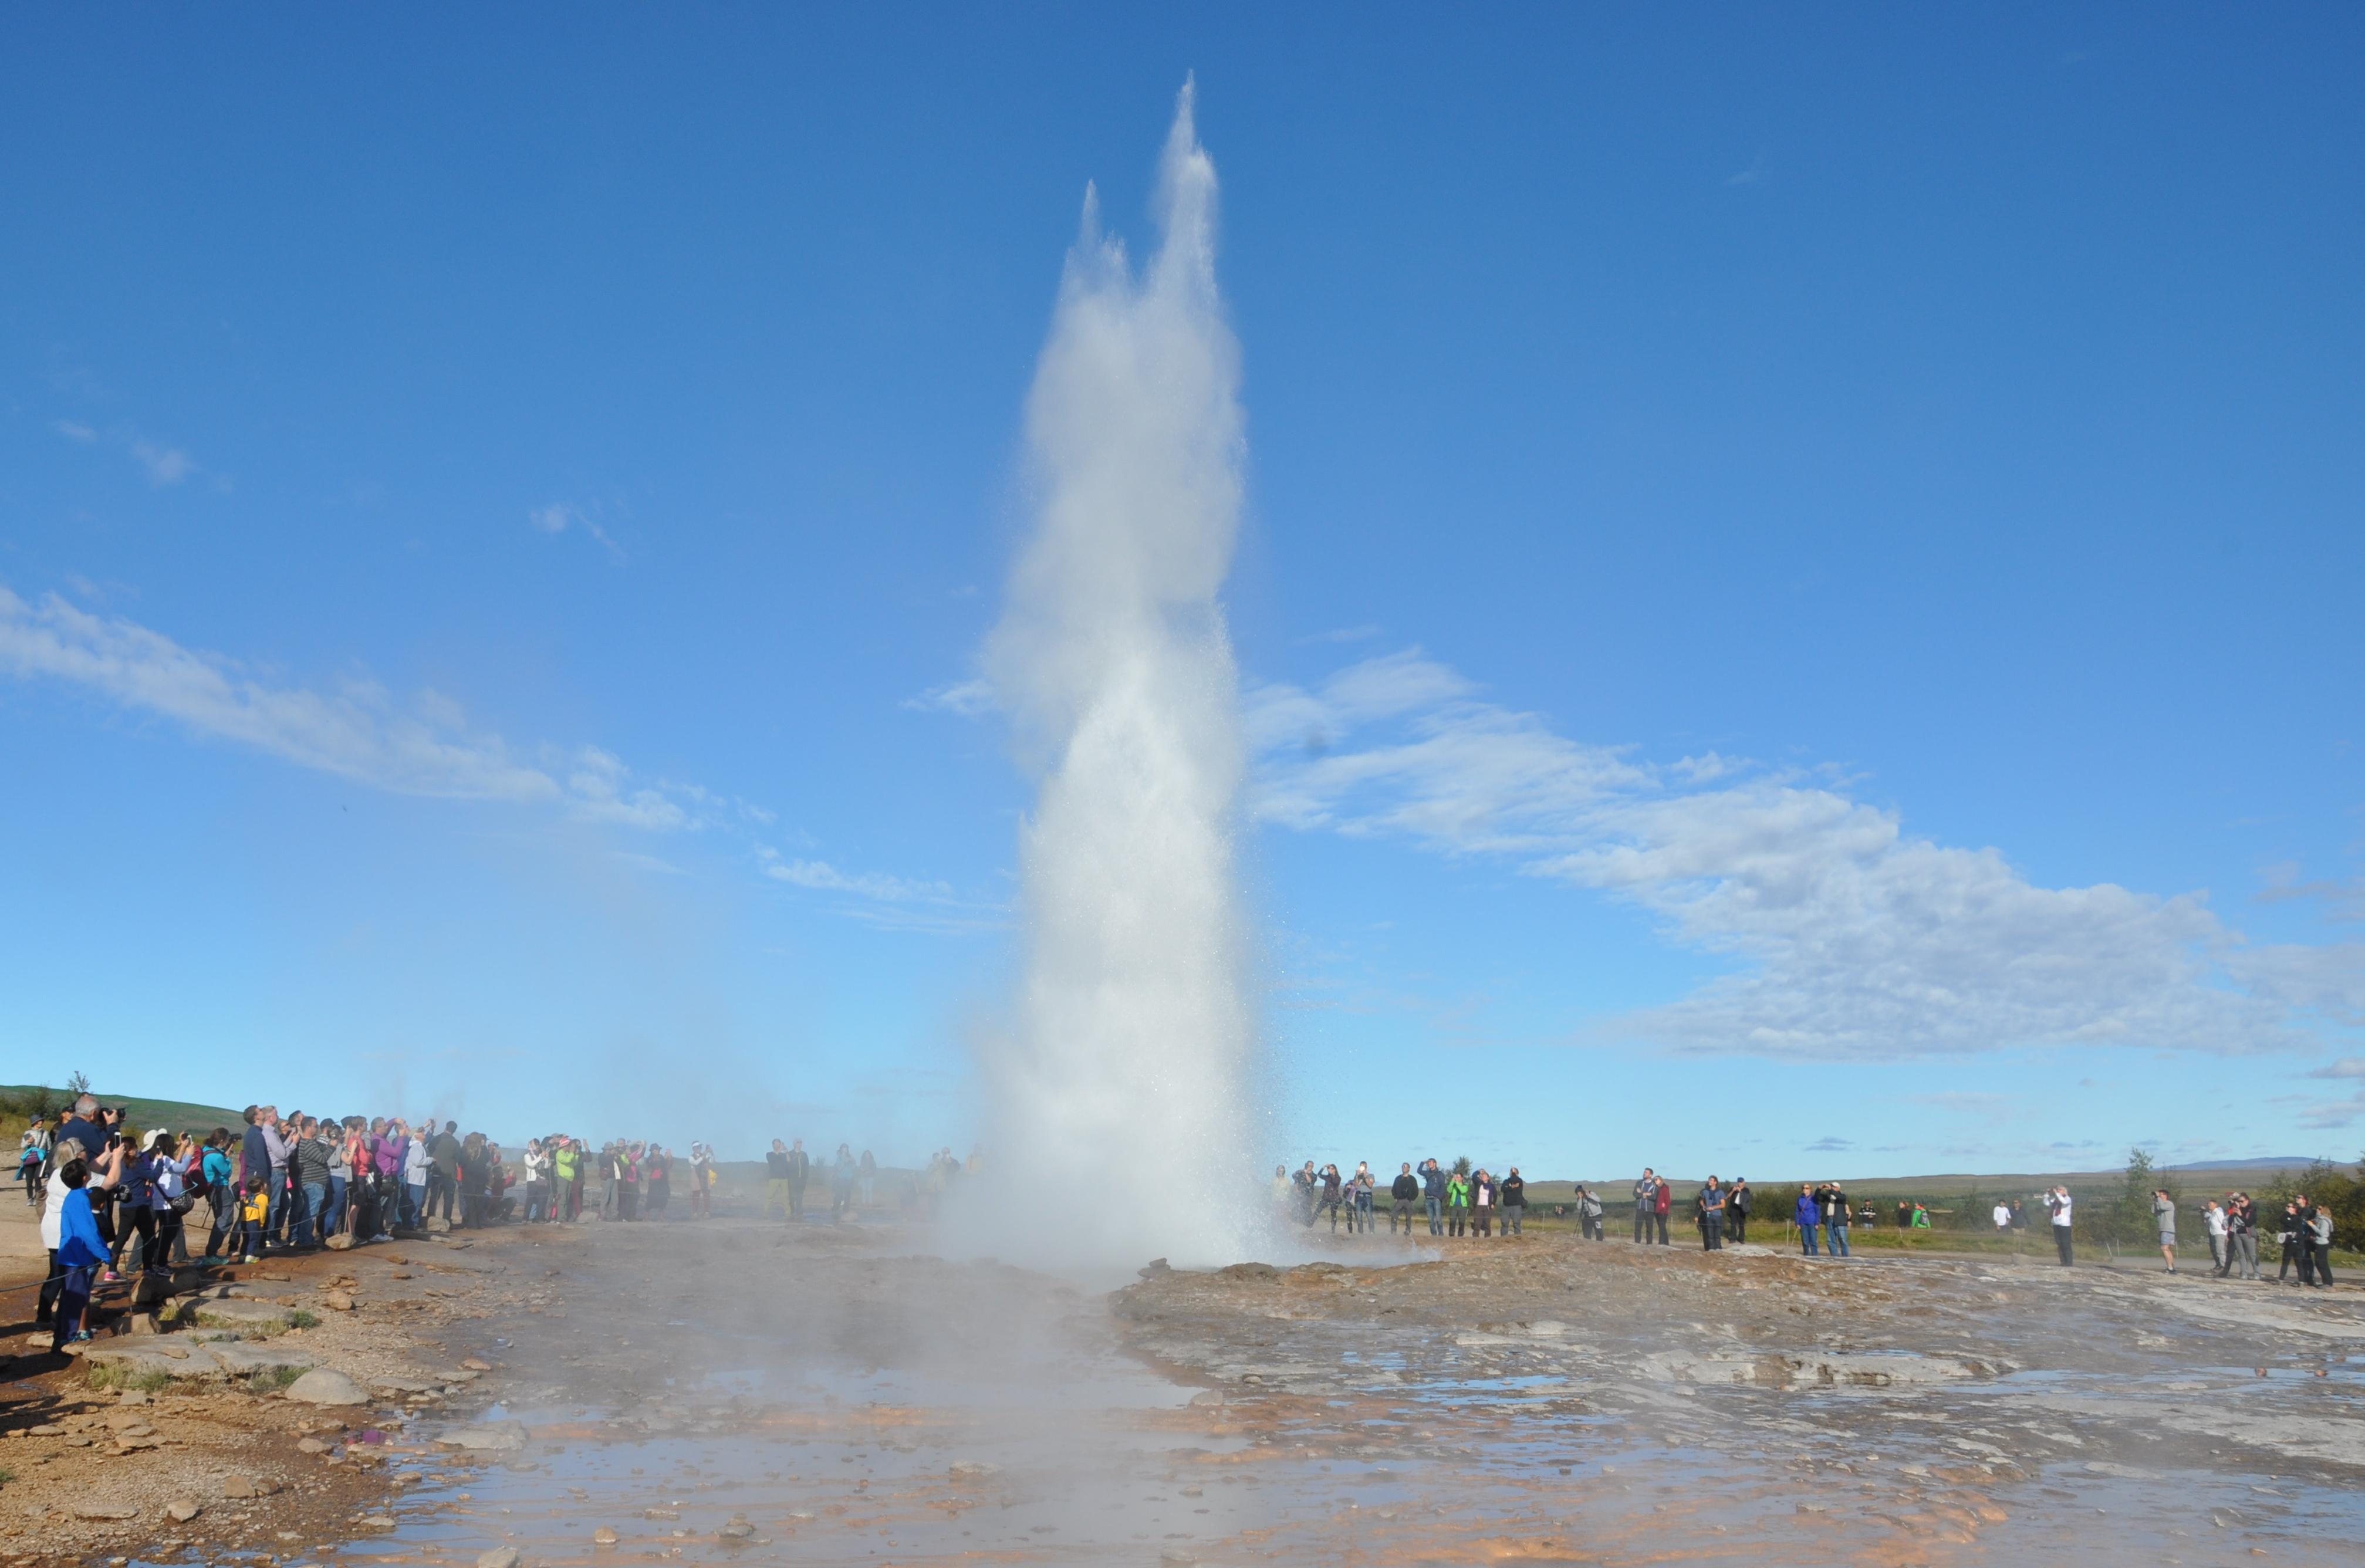 Miles de turistas visitan el sitio natural de Geysir en Islandia todos los días